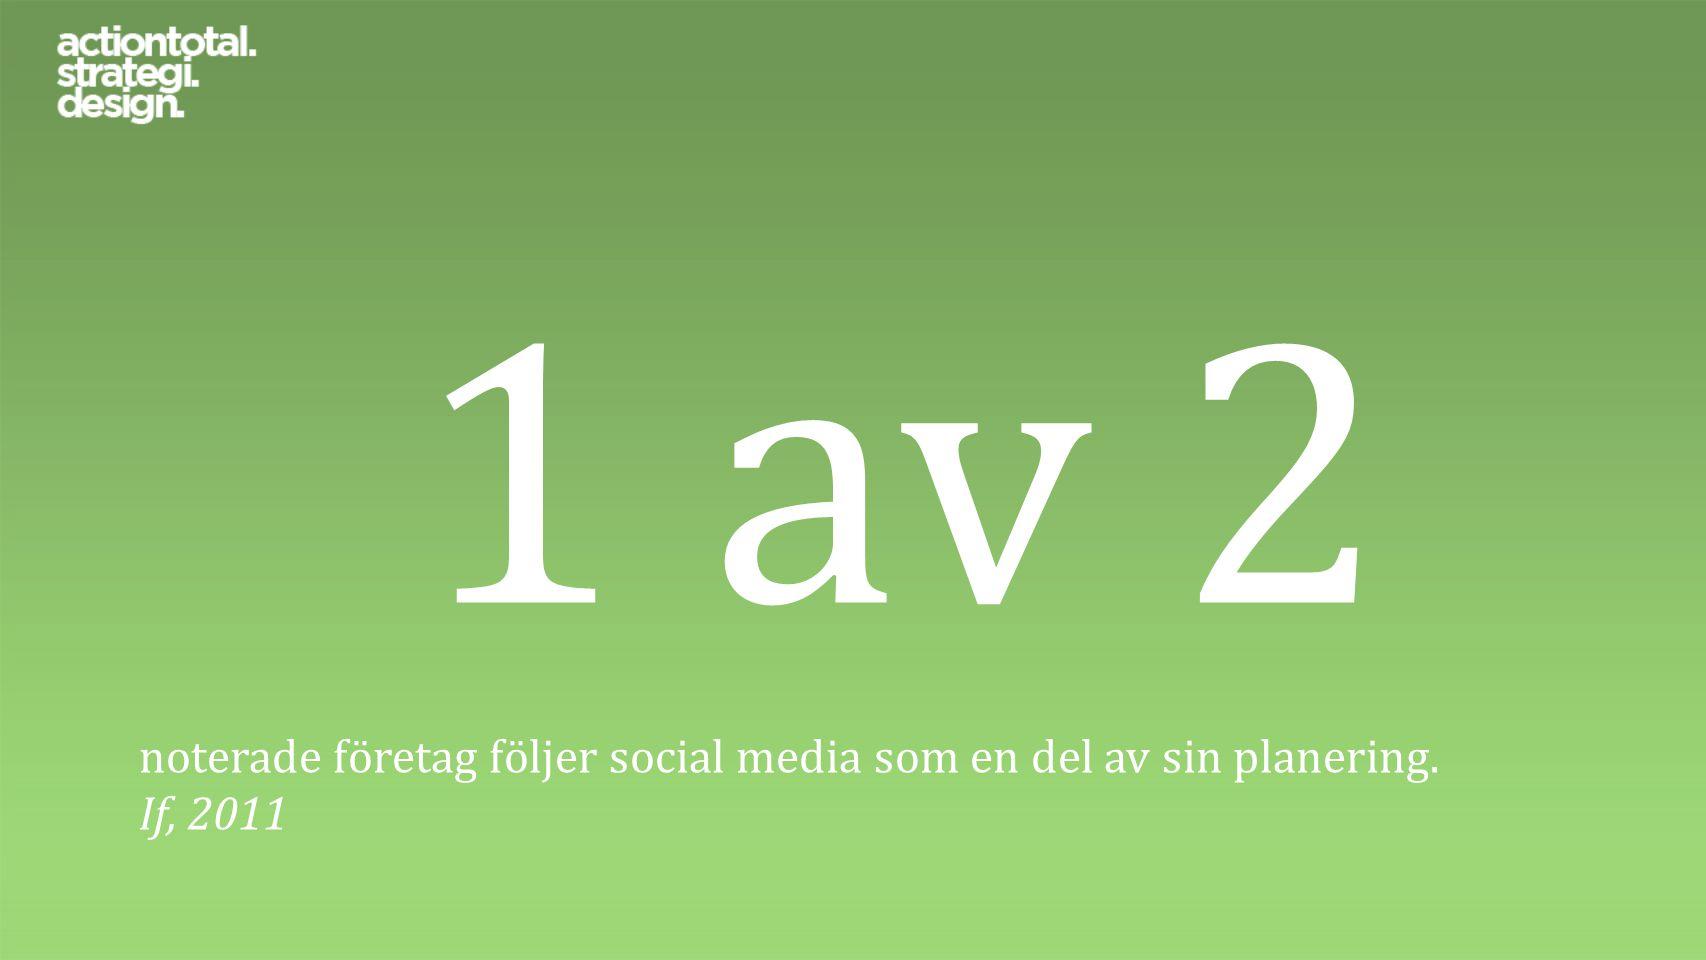 20% av svenskarna som tar med sin jobbdator på semestern gör det för att hålla kontakten med sitt nätverk via social media.